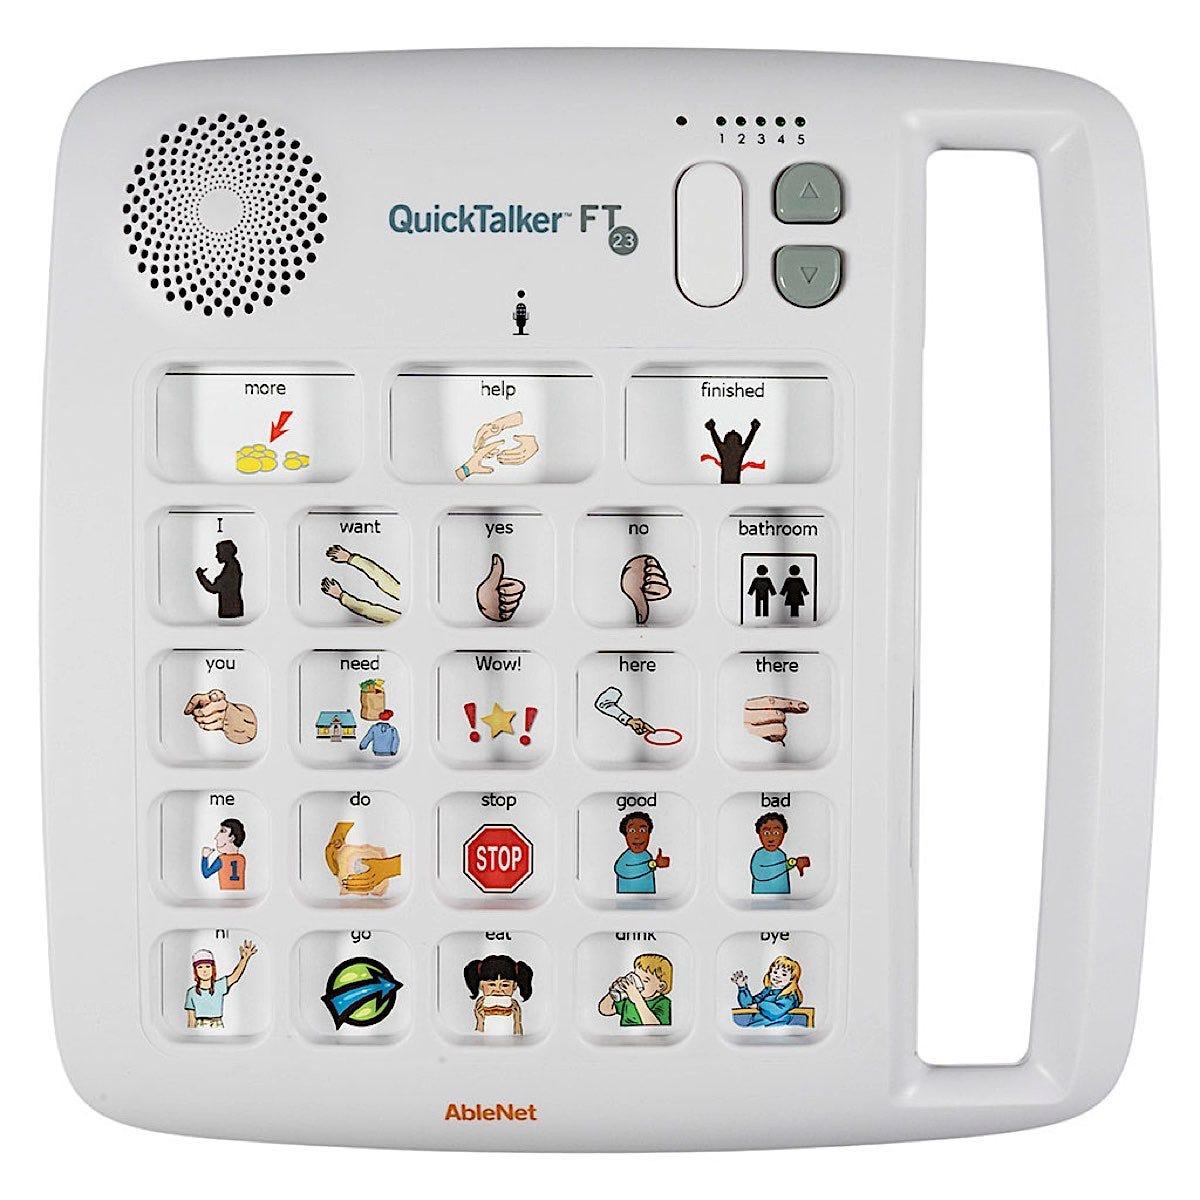 QuickTalker FT 23